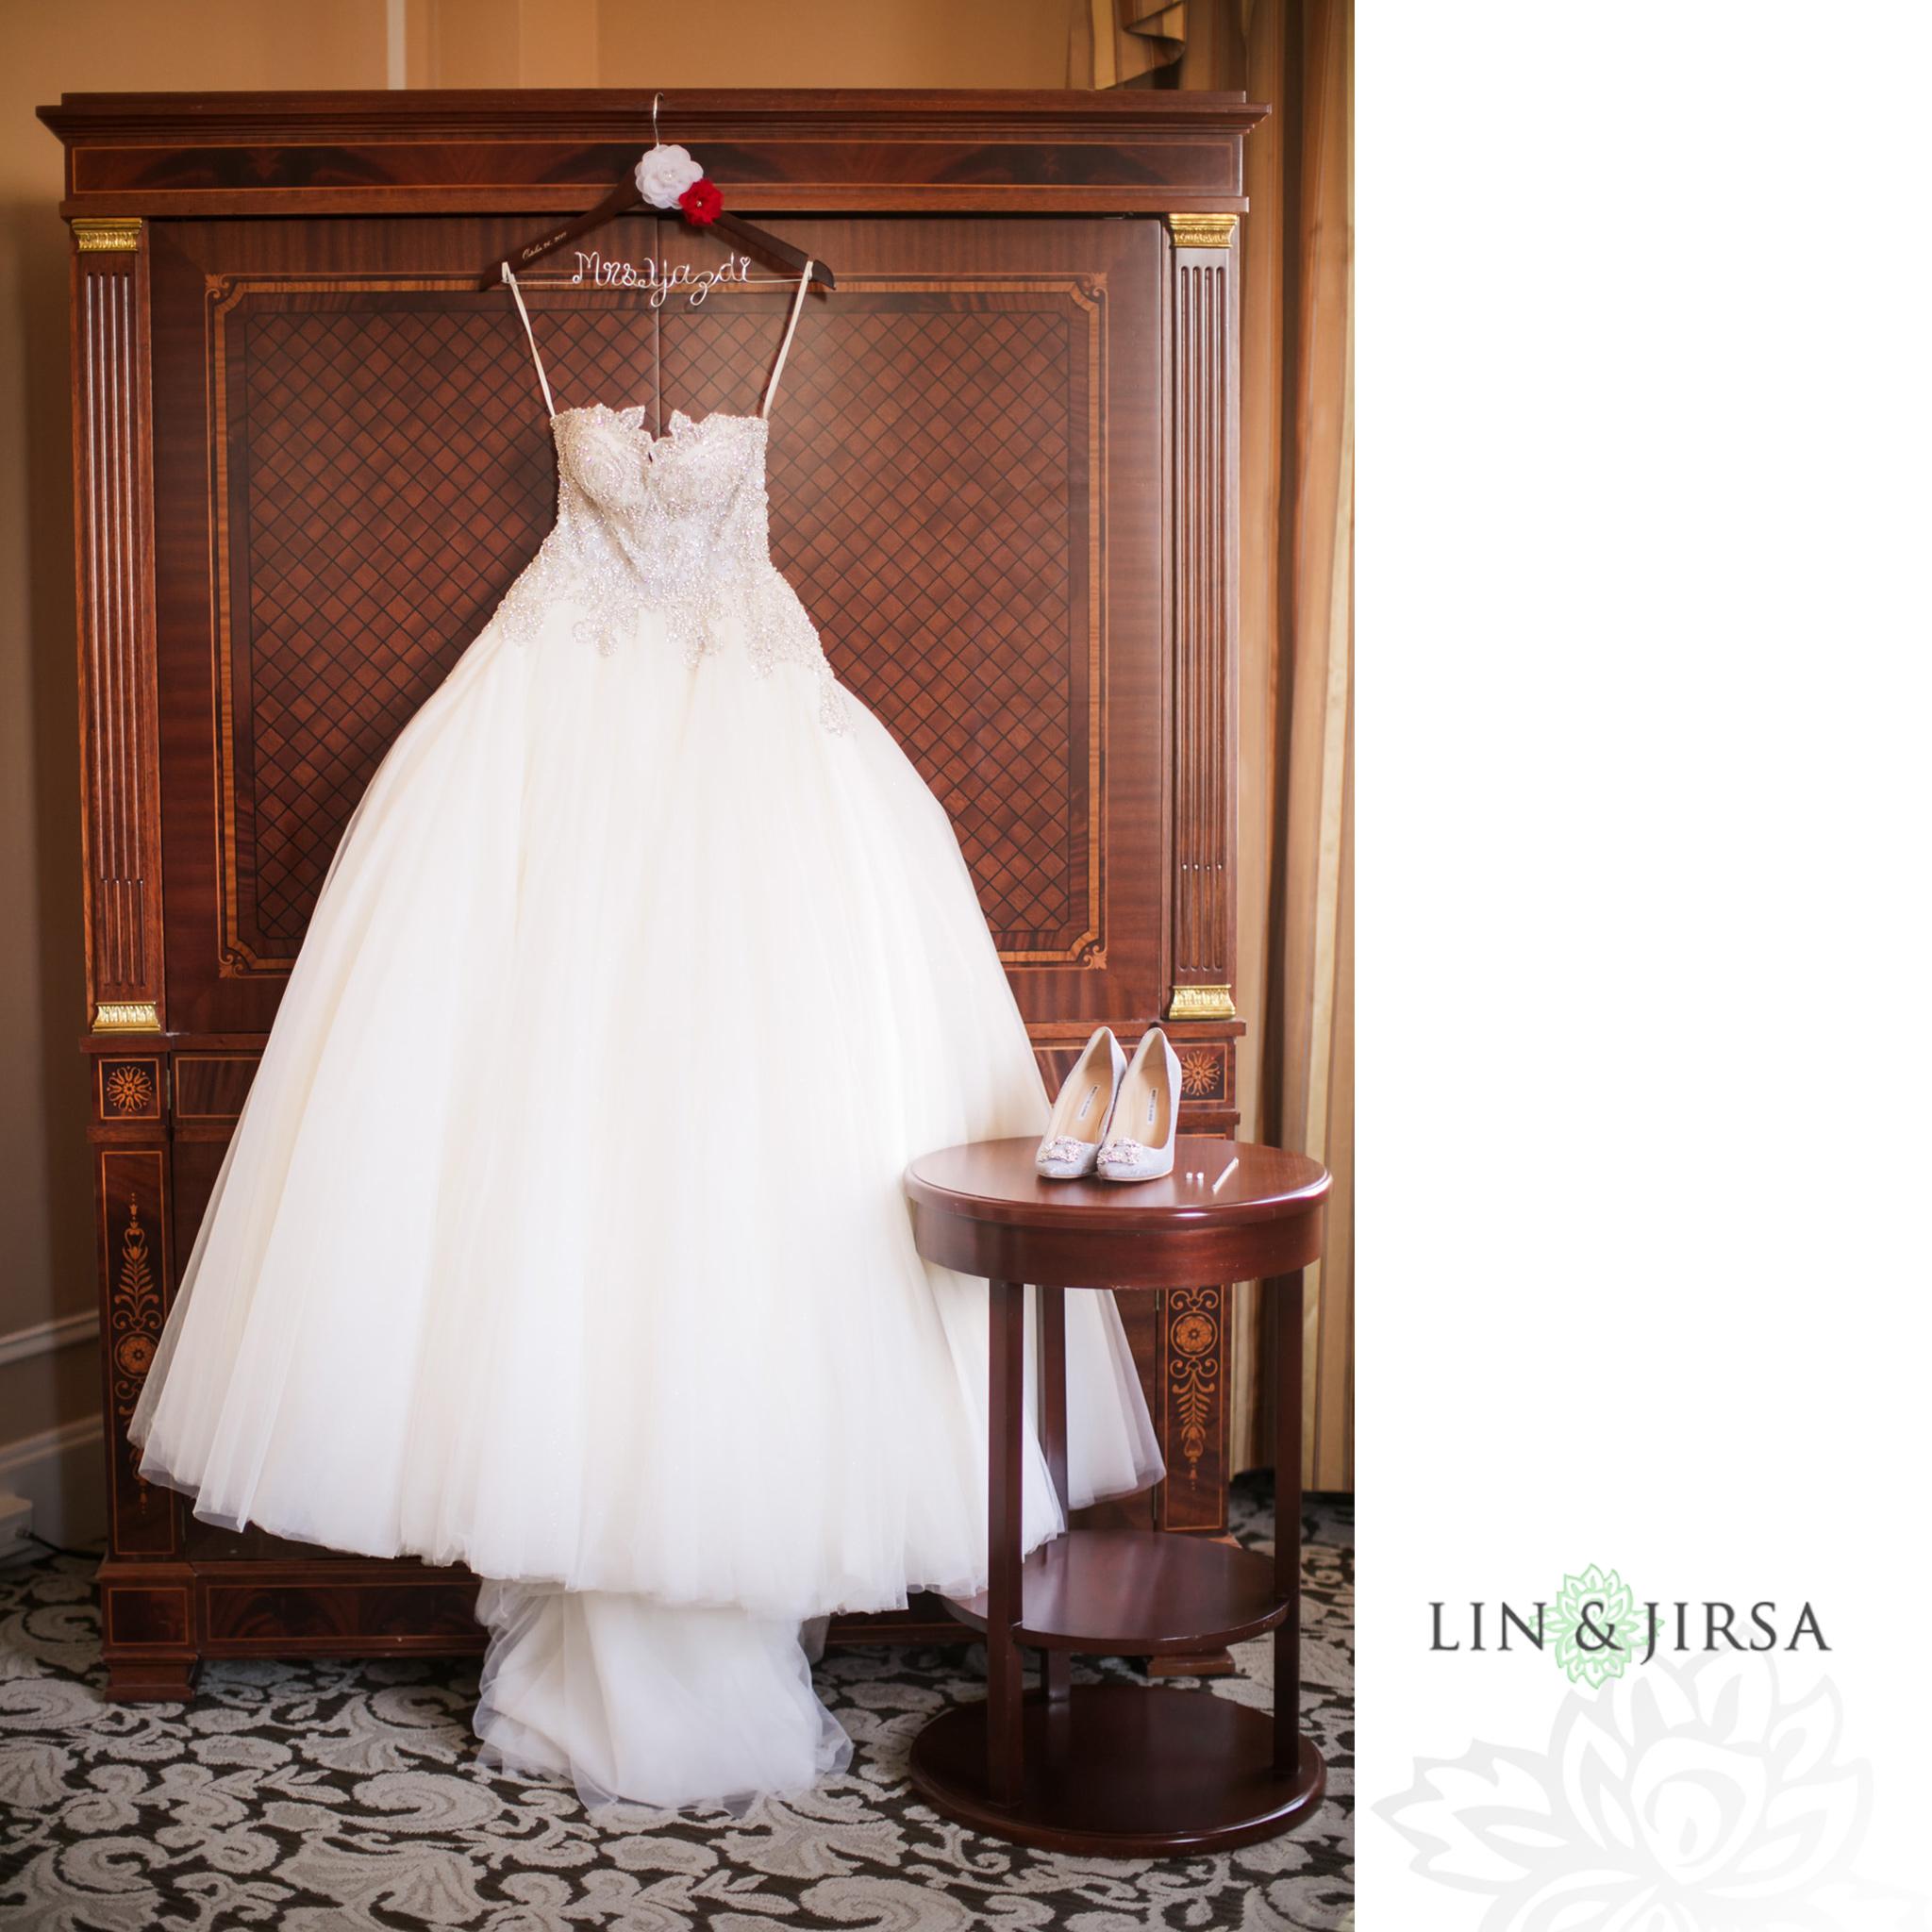 zmsantos Biltmore Hotel Los Angeles Wedding Photography